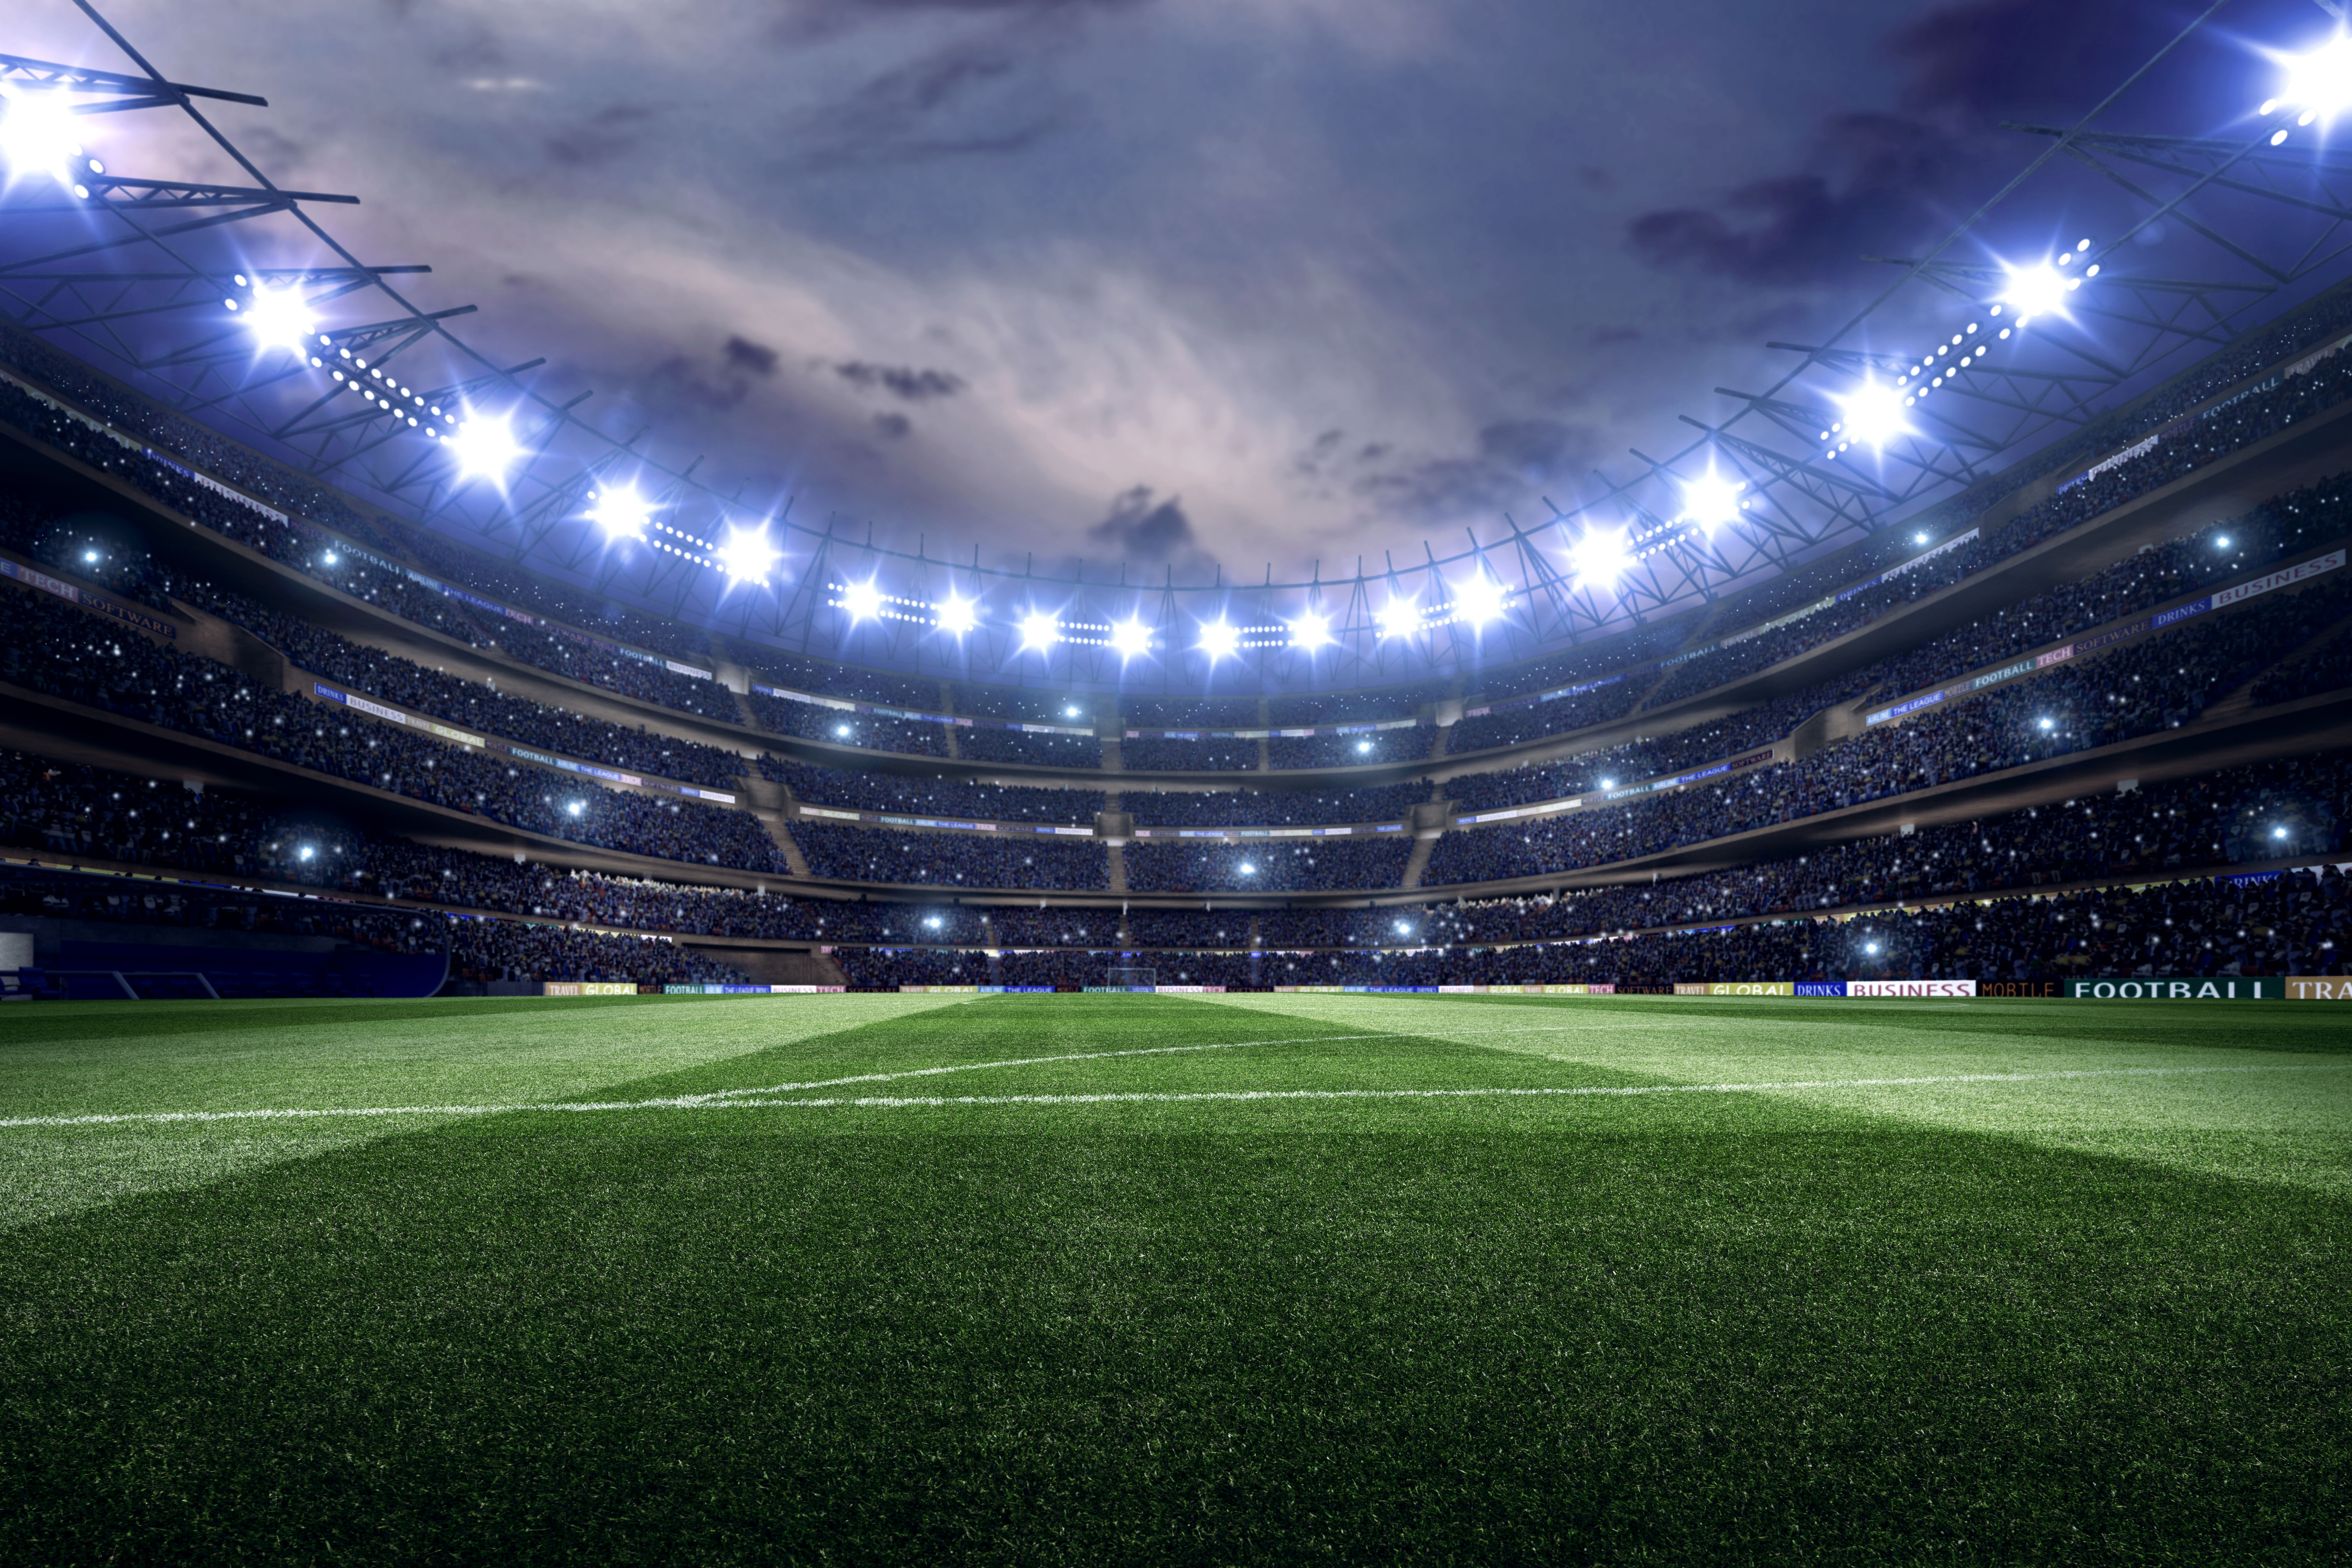 Instalaciones de iluminación Led instalaciones deportivas